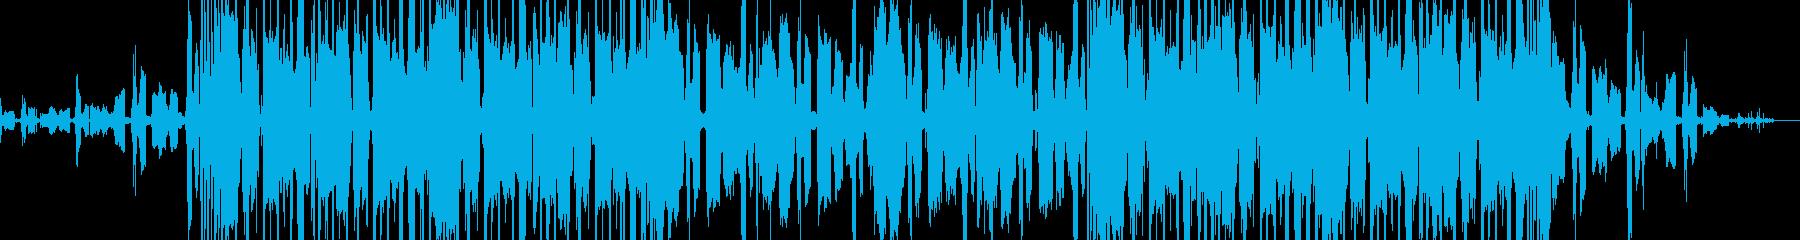 ラウンジ まったり レトロ ゆっく...の再生済みの波形